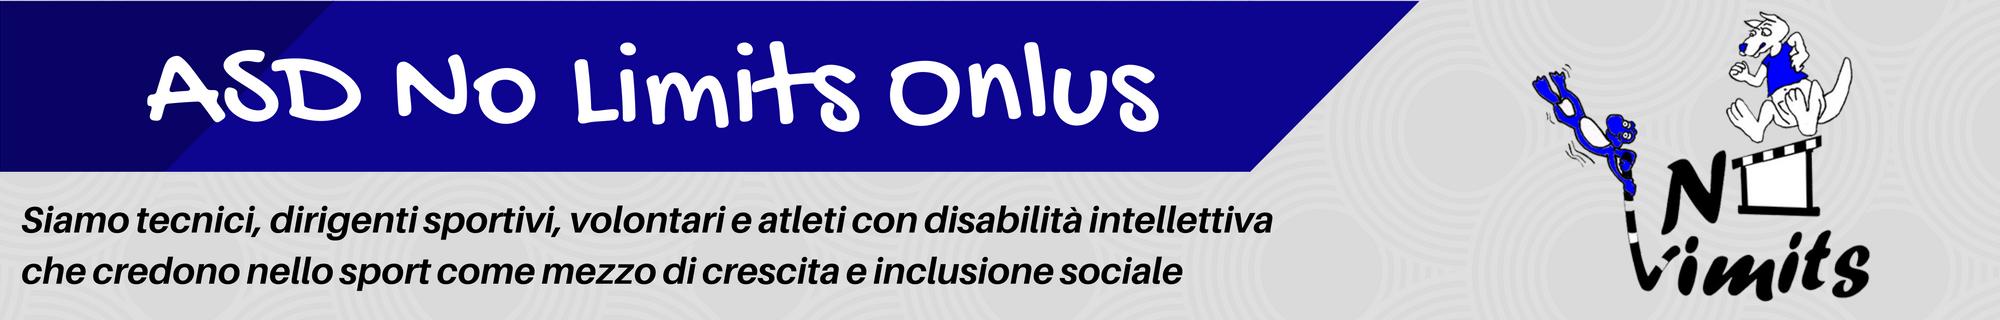 ASD No Limits Onlus